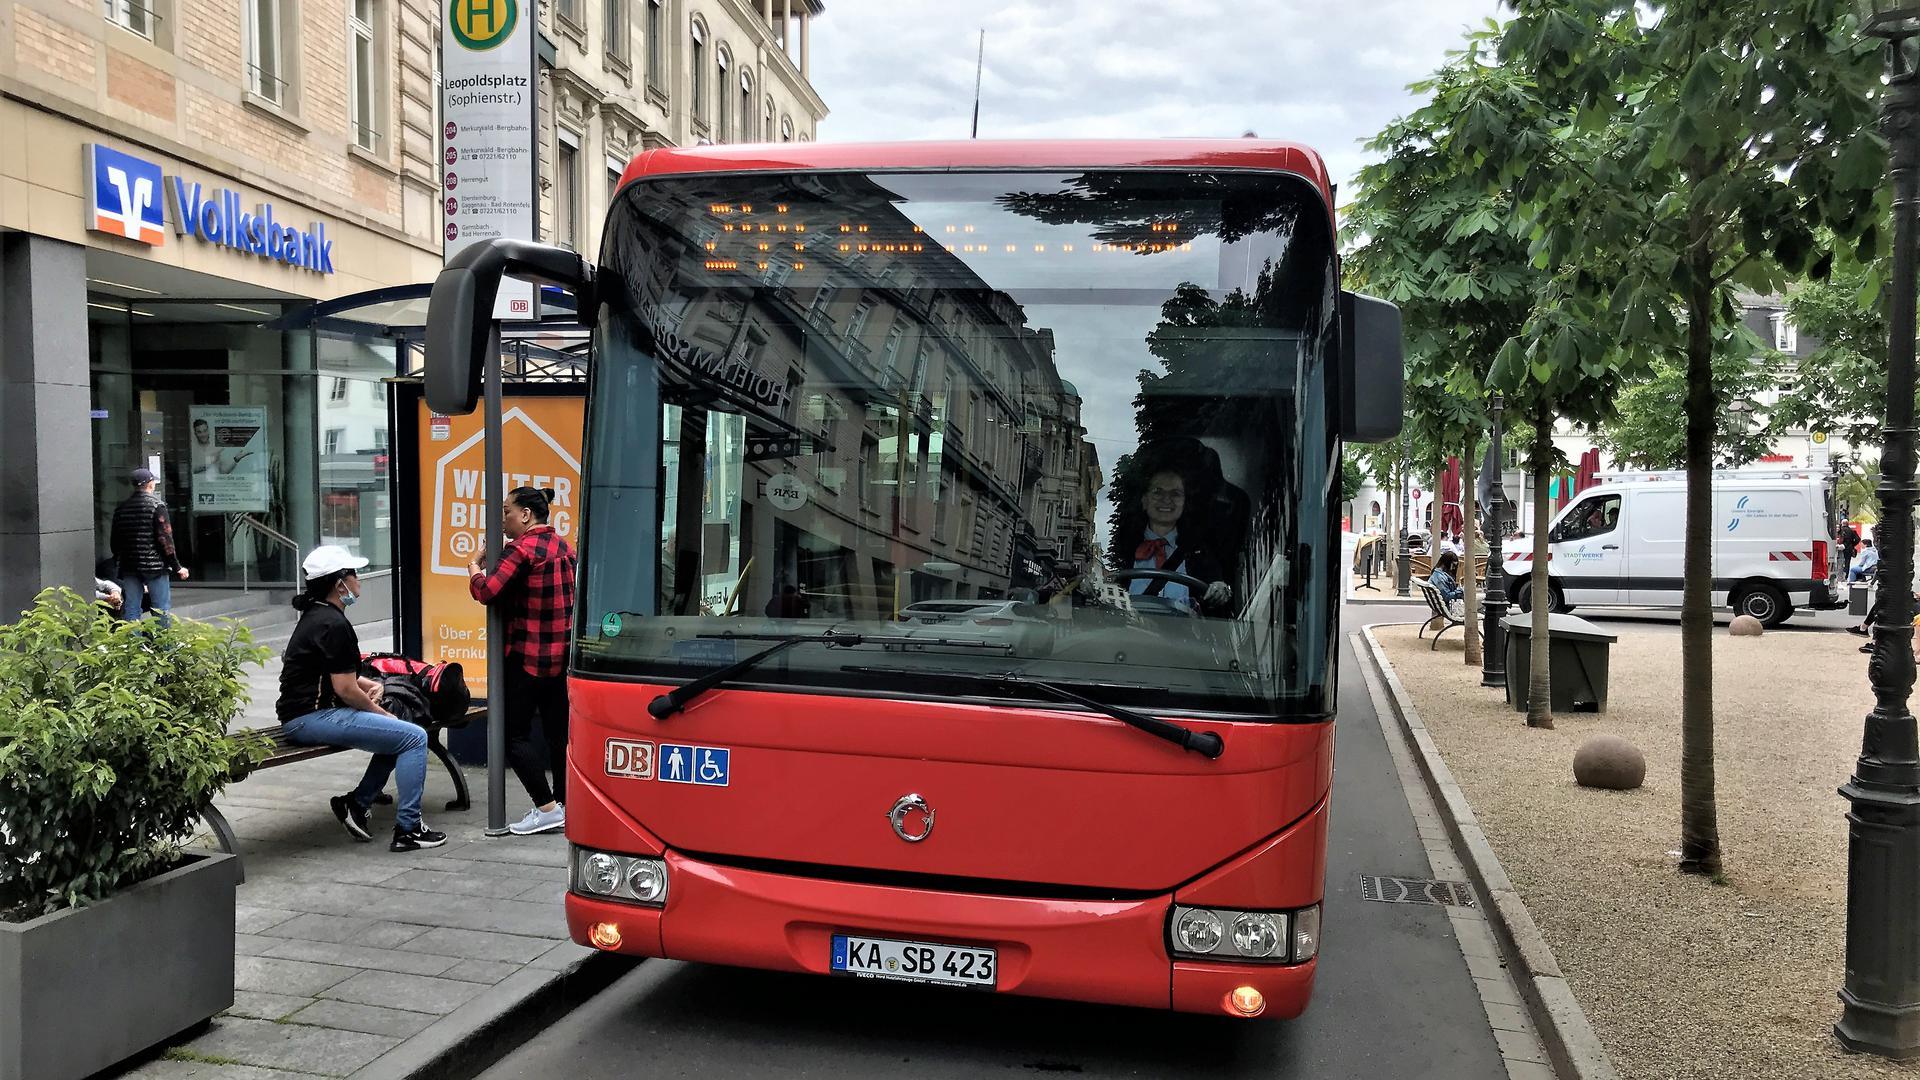 Bessere Anbindung: Künftig soll auf der Strecke nach Bad Herrenalb, die bislang die Linie 244 bedient, eine neue und schnellere Regiobus-Linie verkehren. Zudem ist eine Verlängerung zum Bahnhof Bühl geplant.